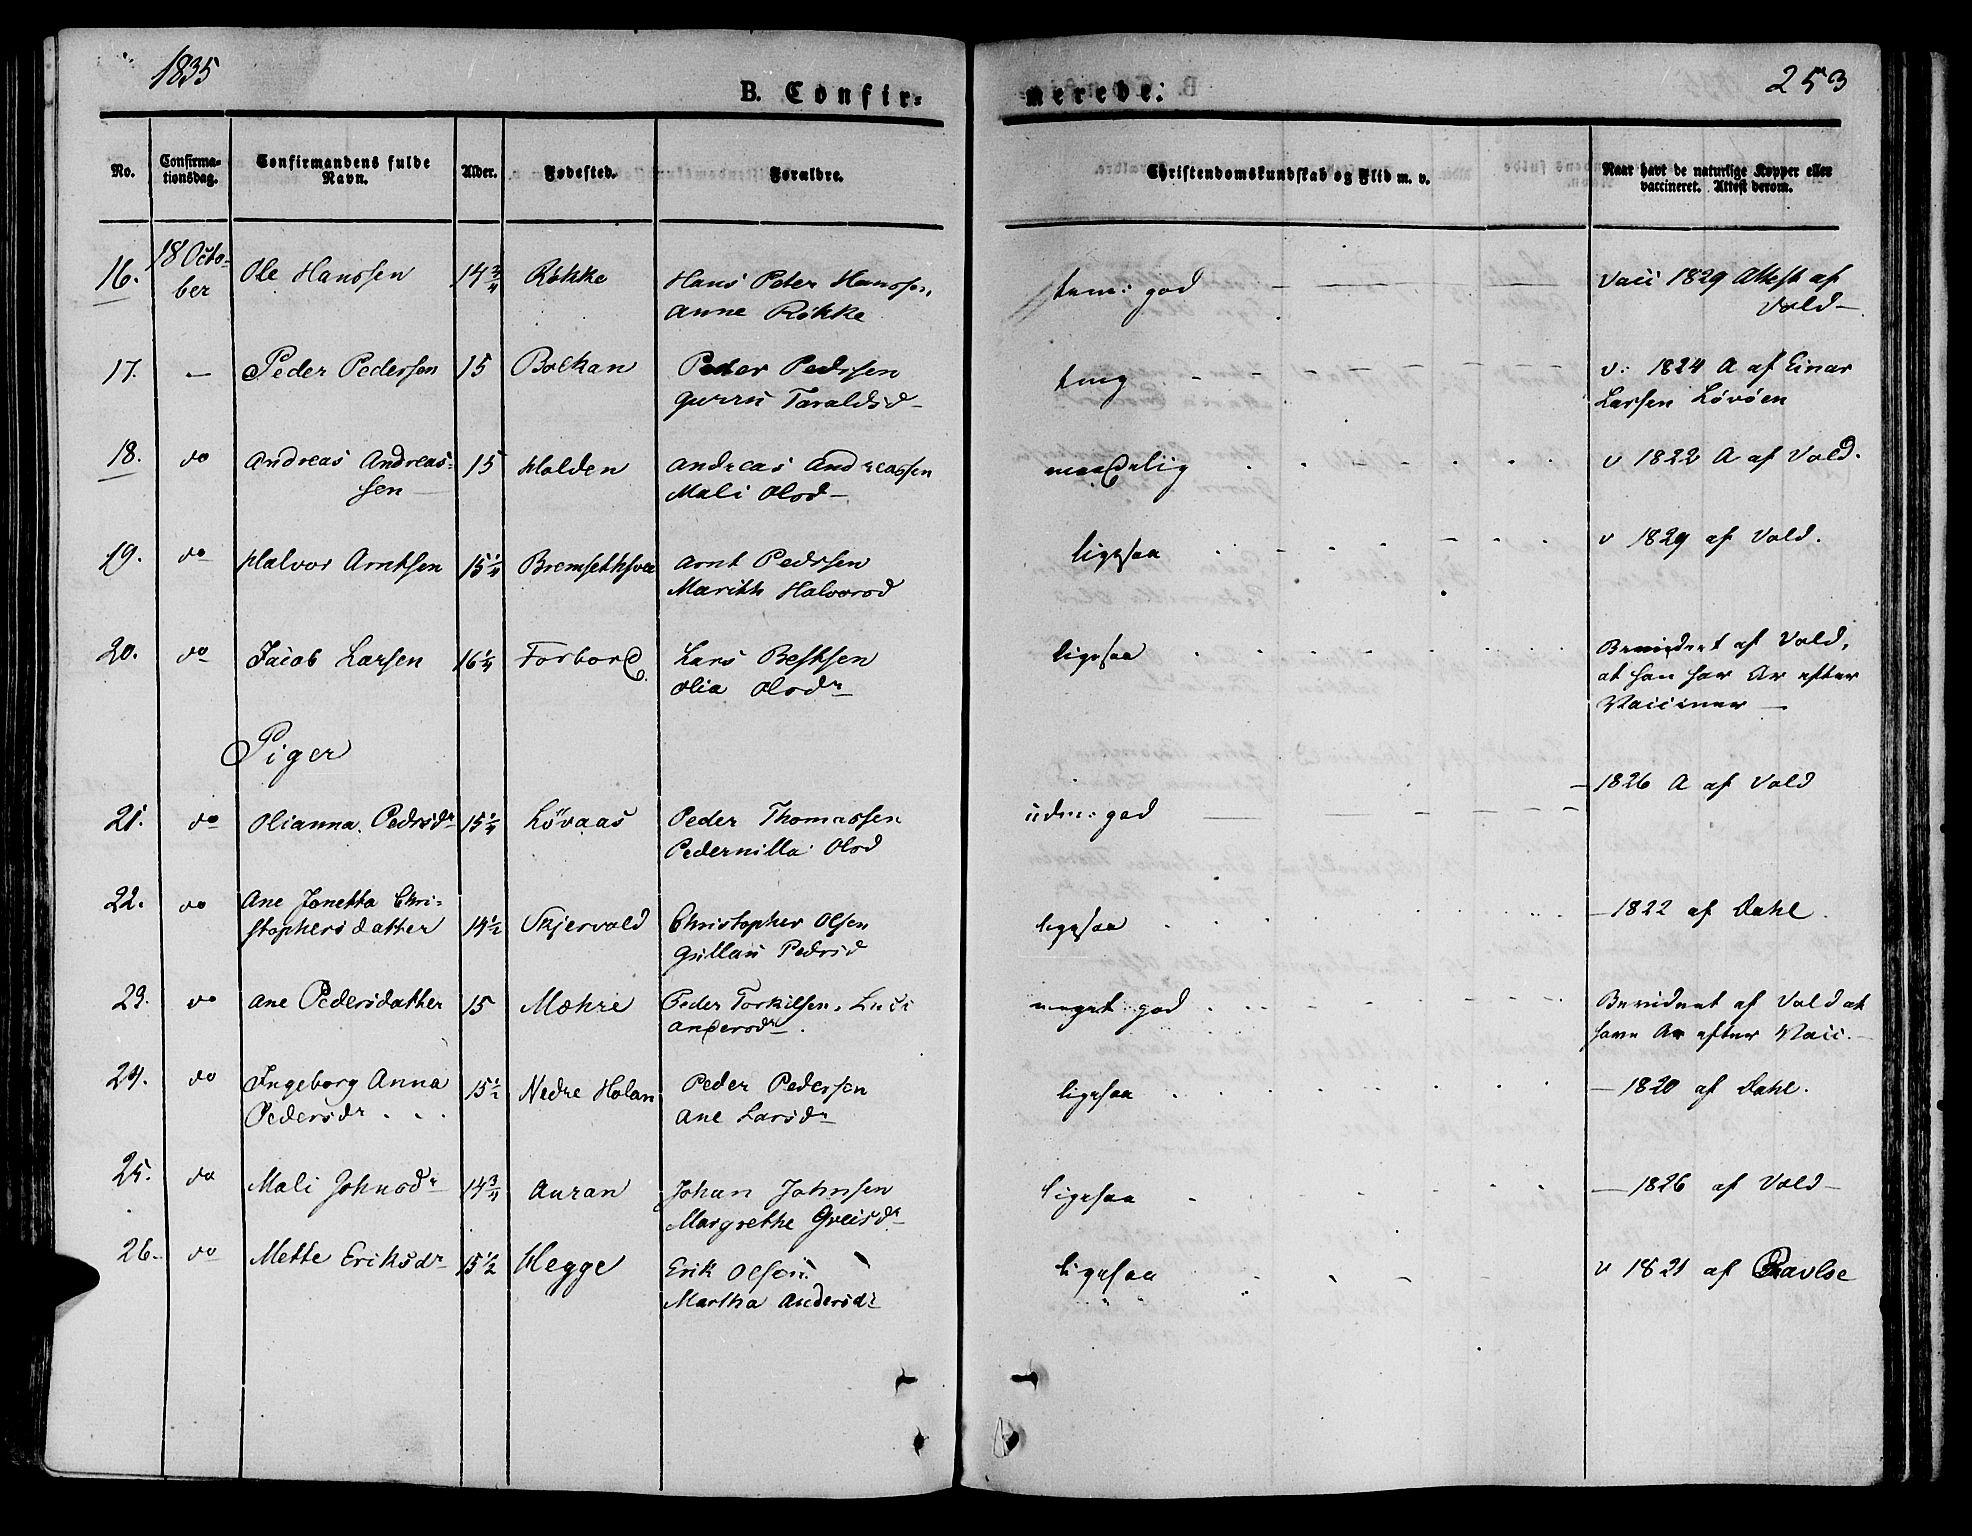 SAT, Ministerialprotokoller, klokkerbøker og fødselsregistre - Nord-Trøndelag, 709/L0071: Ministerialbok nr. 709A11, 1833-1844, s. 253